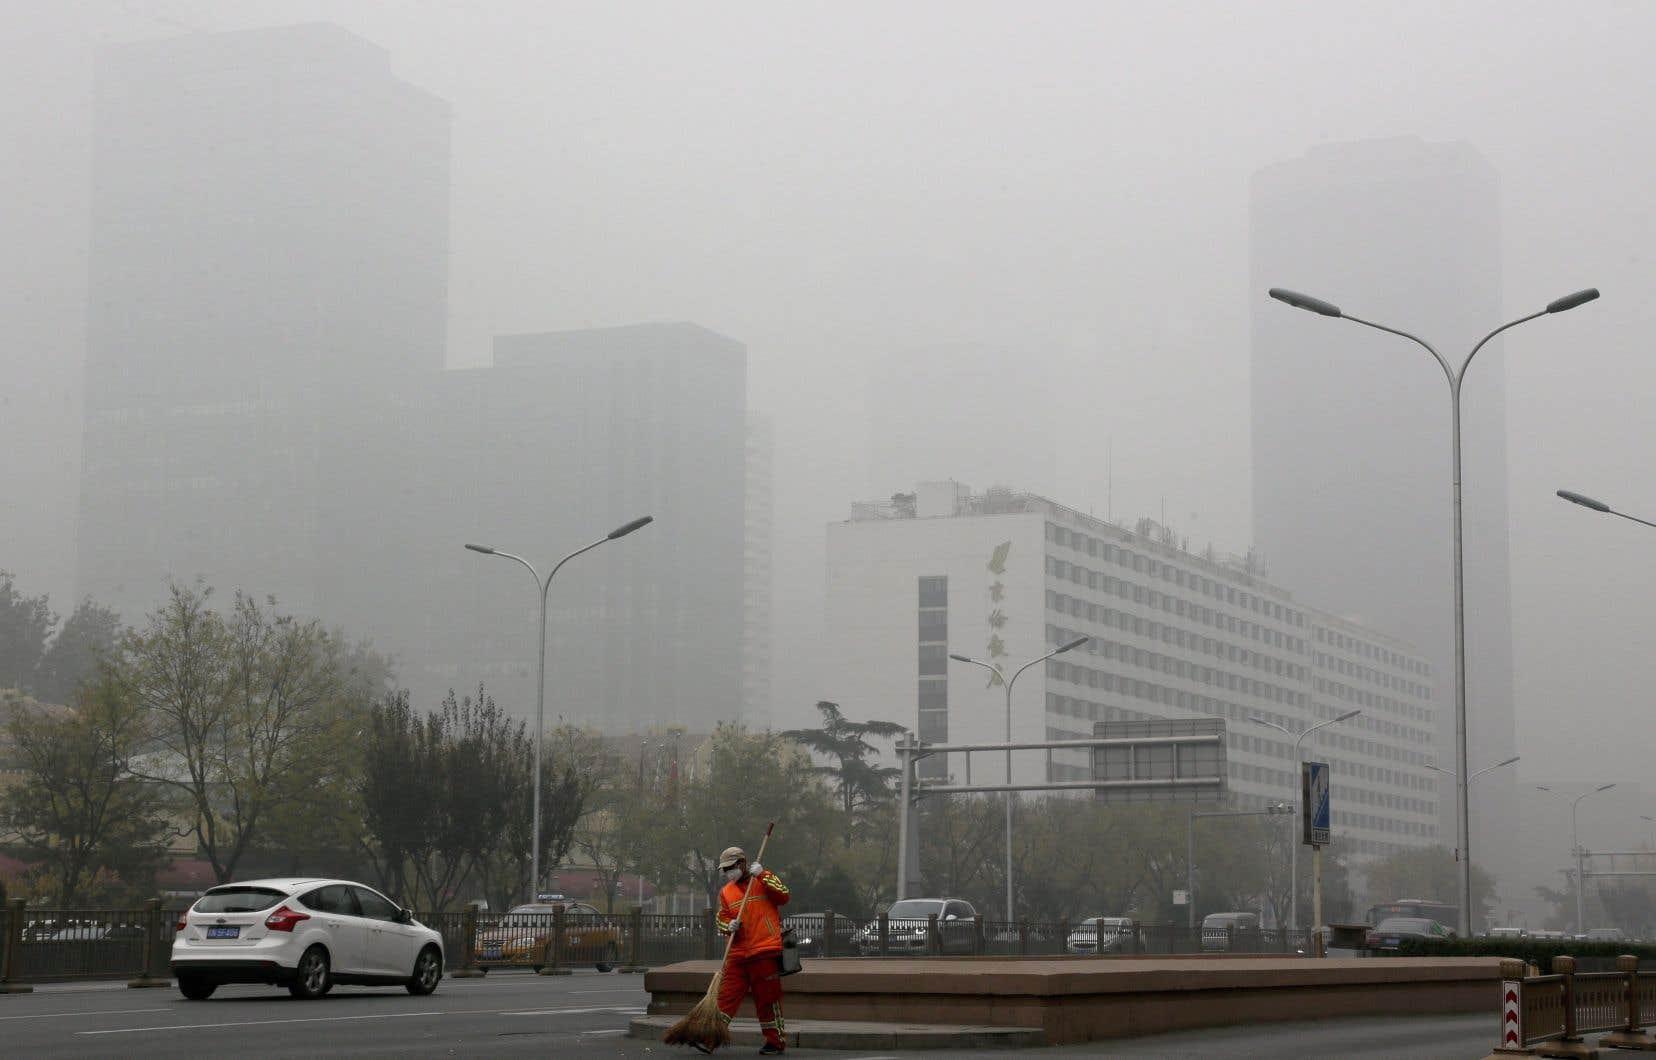 Une nouvelle nuance vient d'apparaître dans le discours de la Chine, qui parle  de faire baisser les émissions  de GES avant 2030.